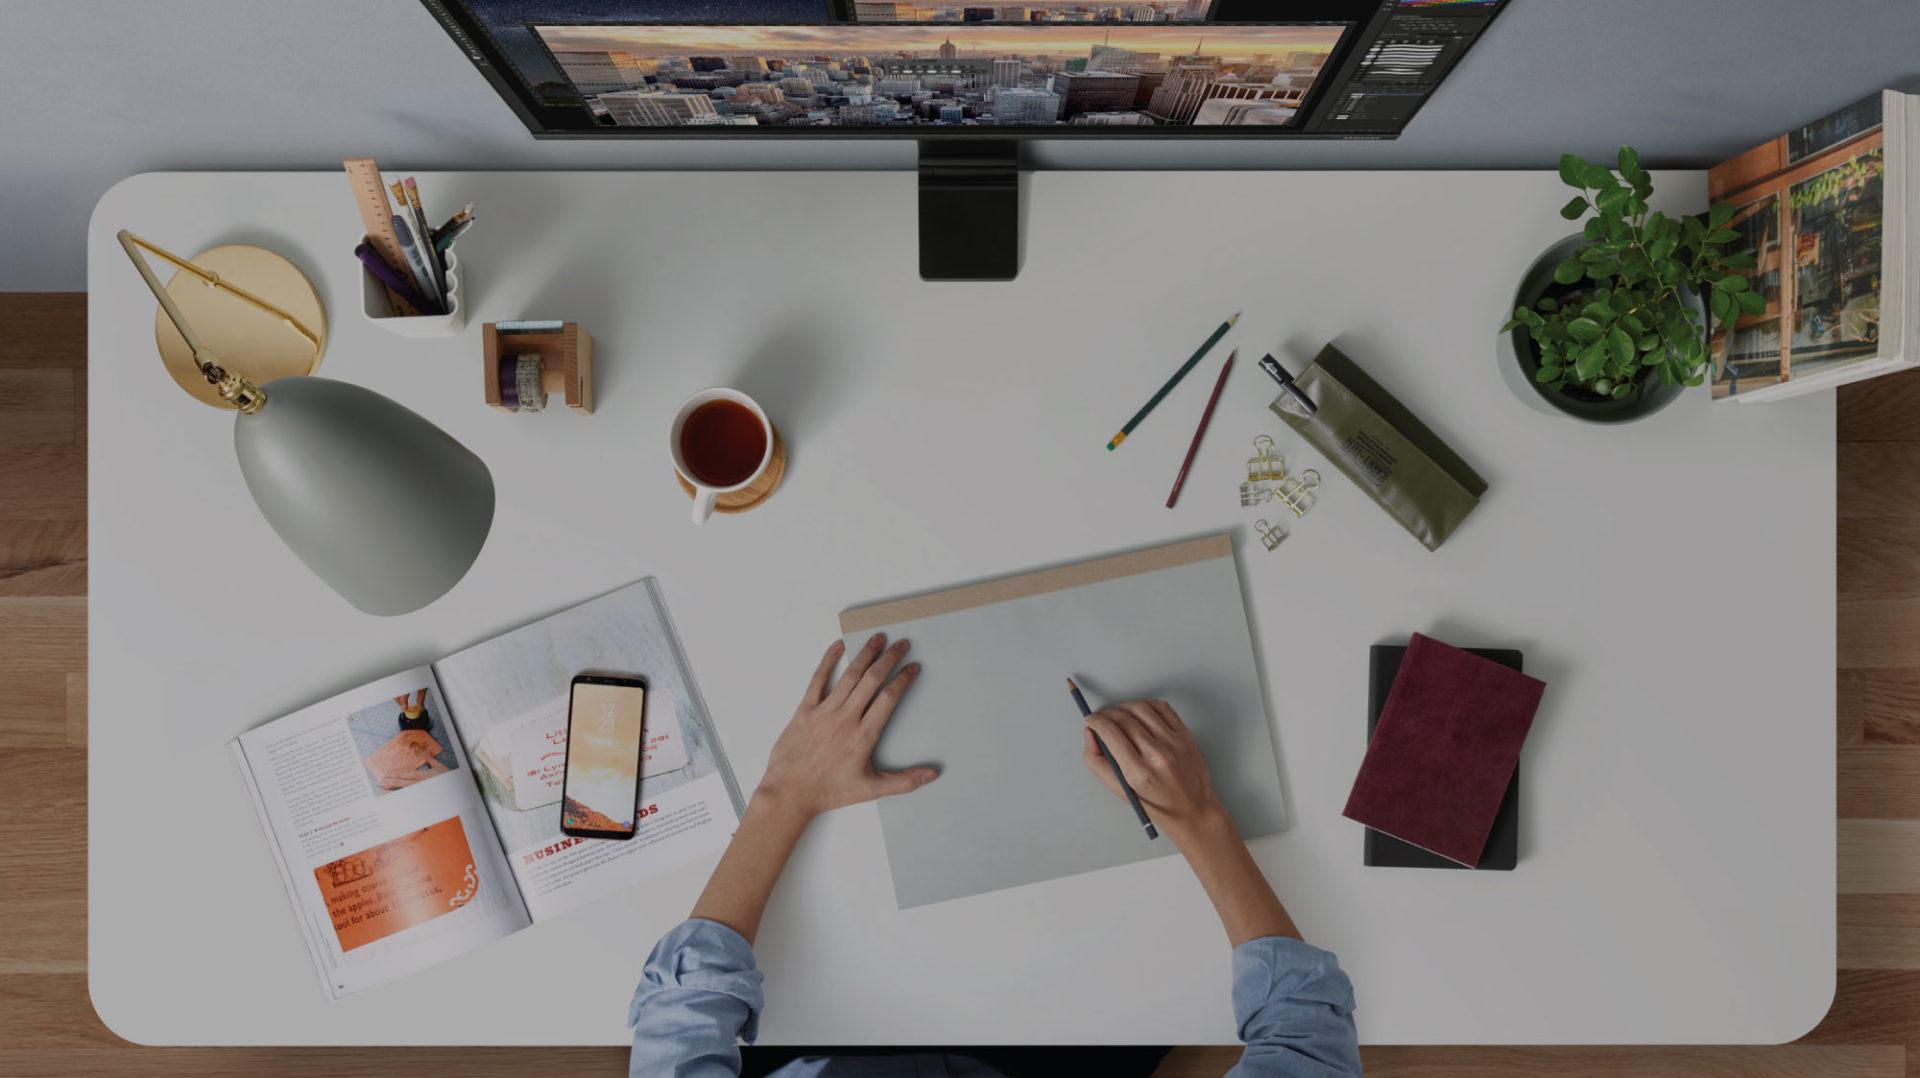 Kleiner Bereich, große Wirkung: Wie sieht eine optimale Schreibtischplatte aus?